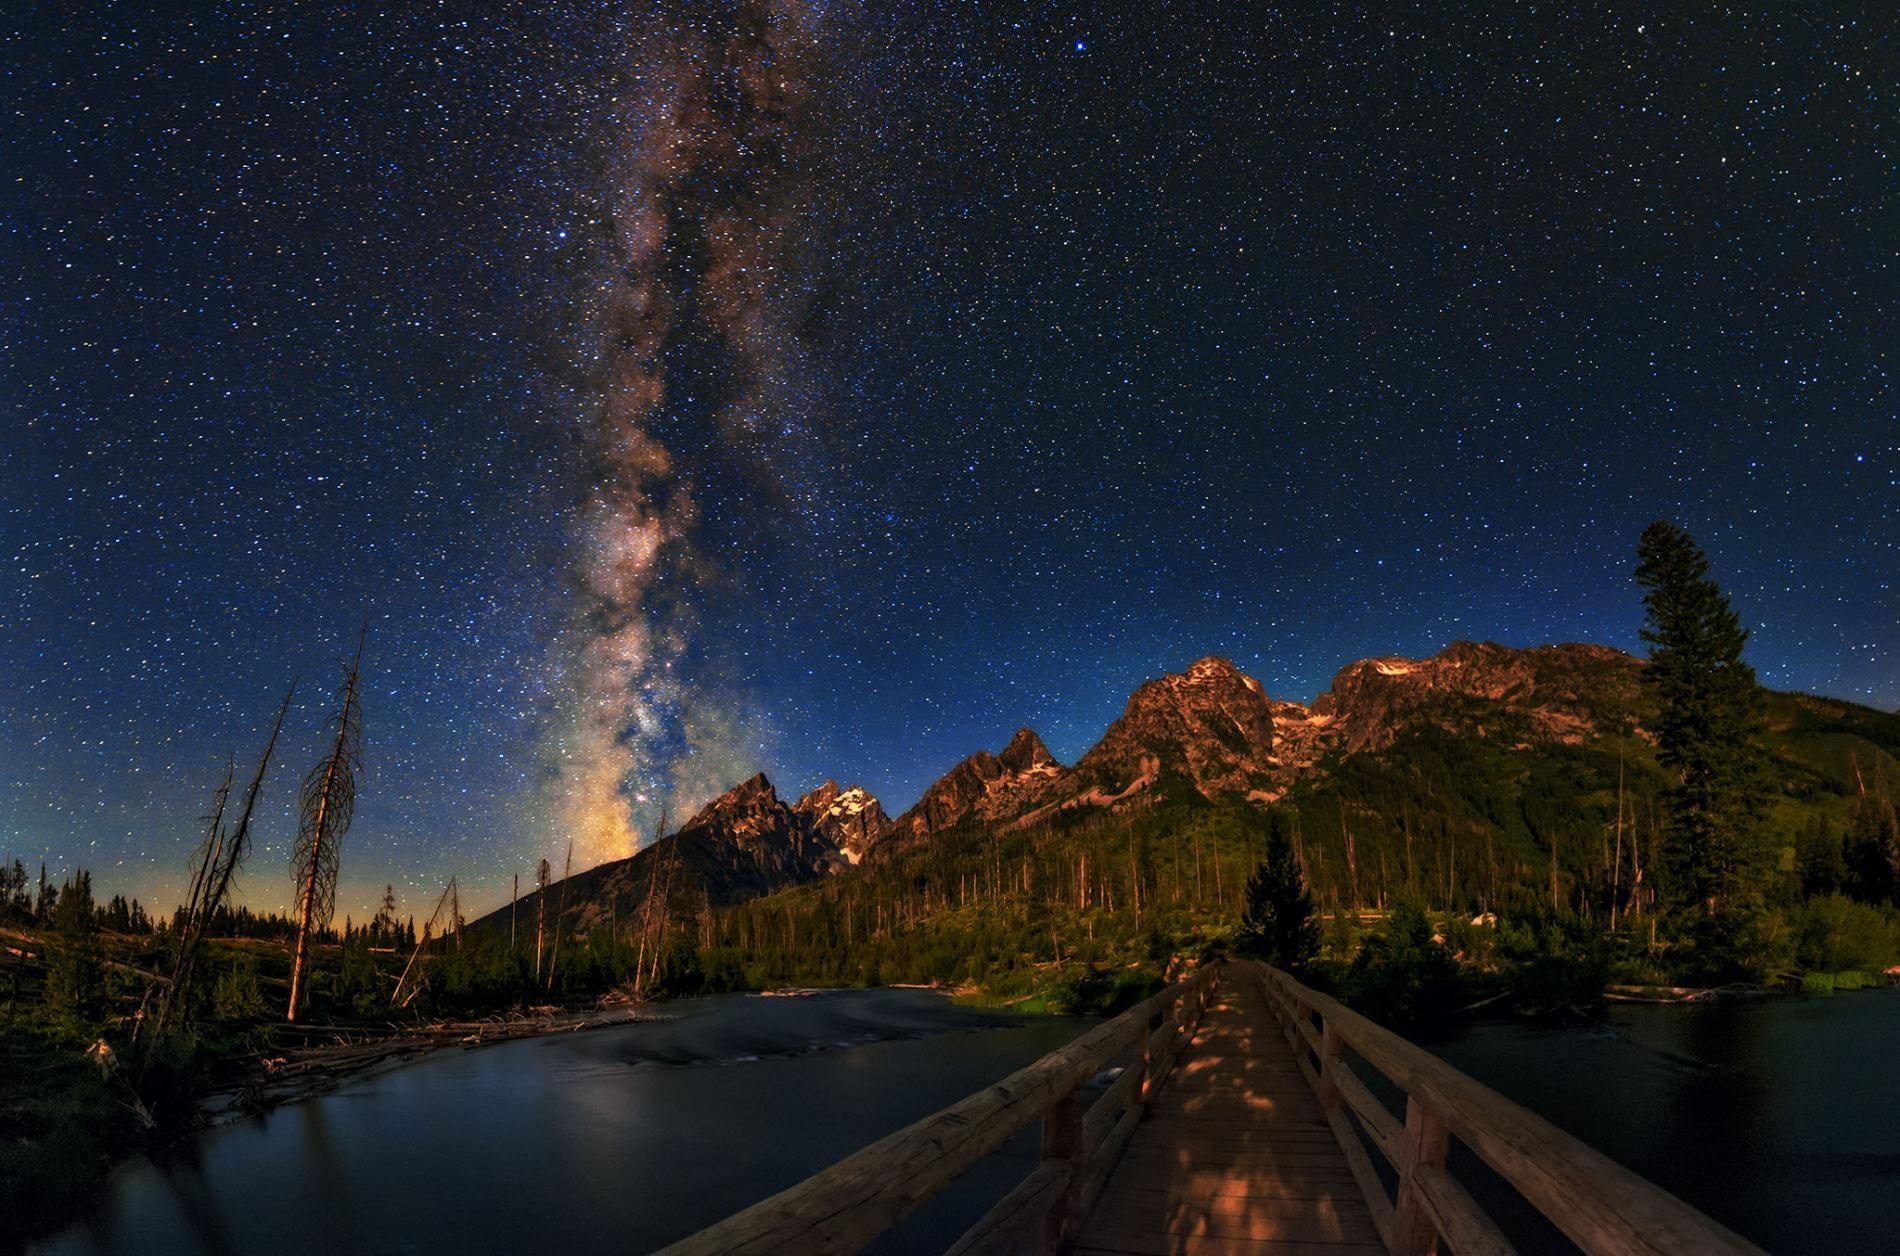 'Vươn tới những vì sao' và loạt ảnh trời đêm đầy mê hoặc Ảnh 2